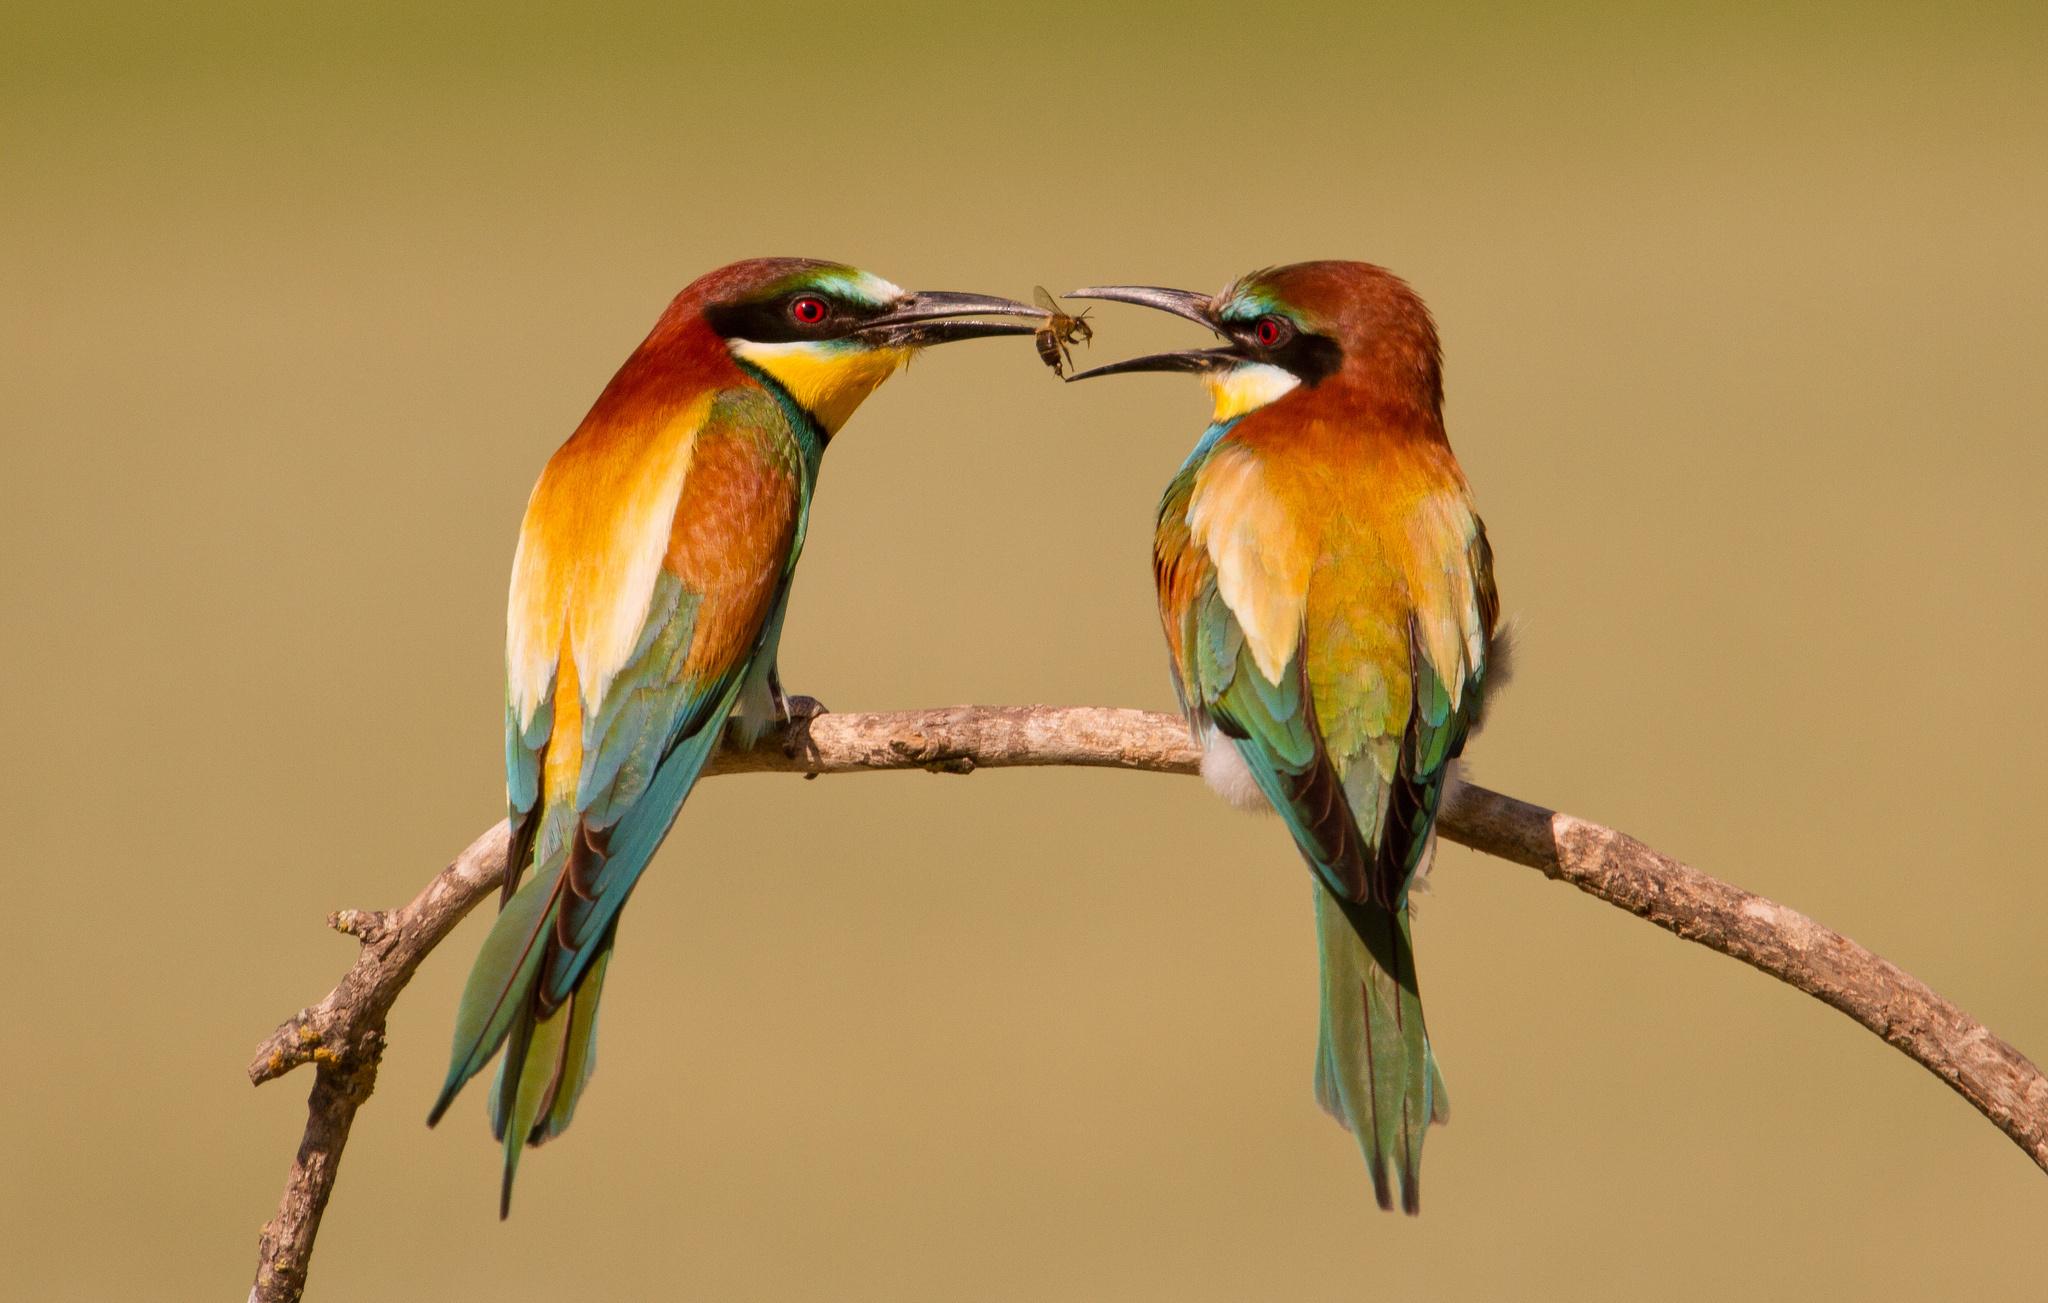 tải hình nền chim đẹp